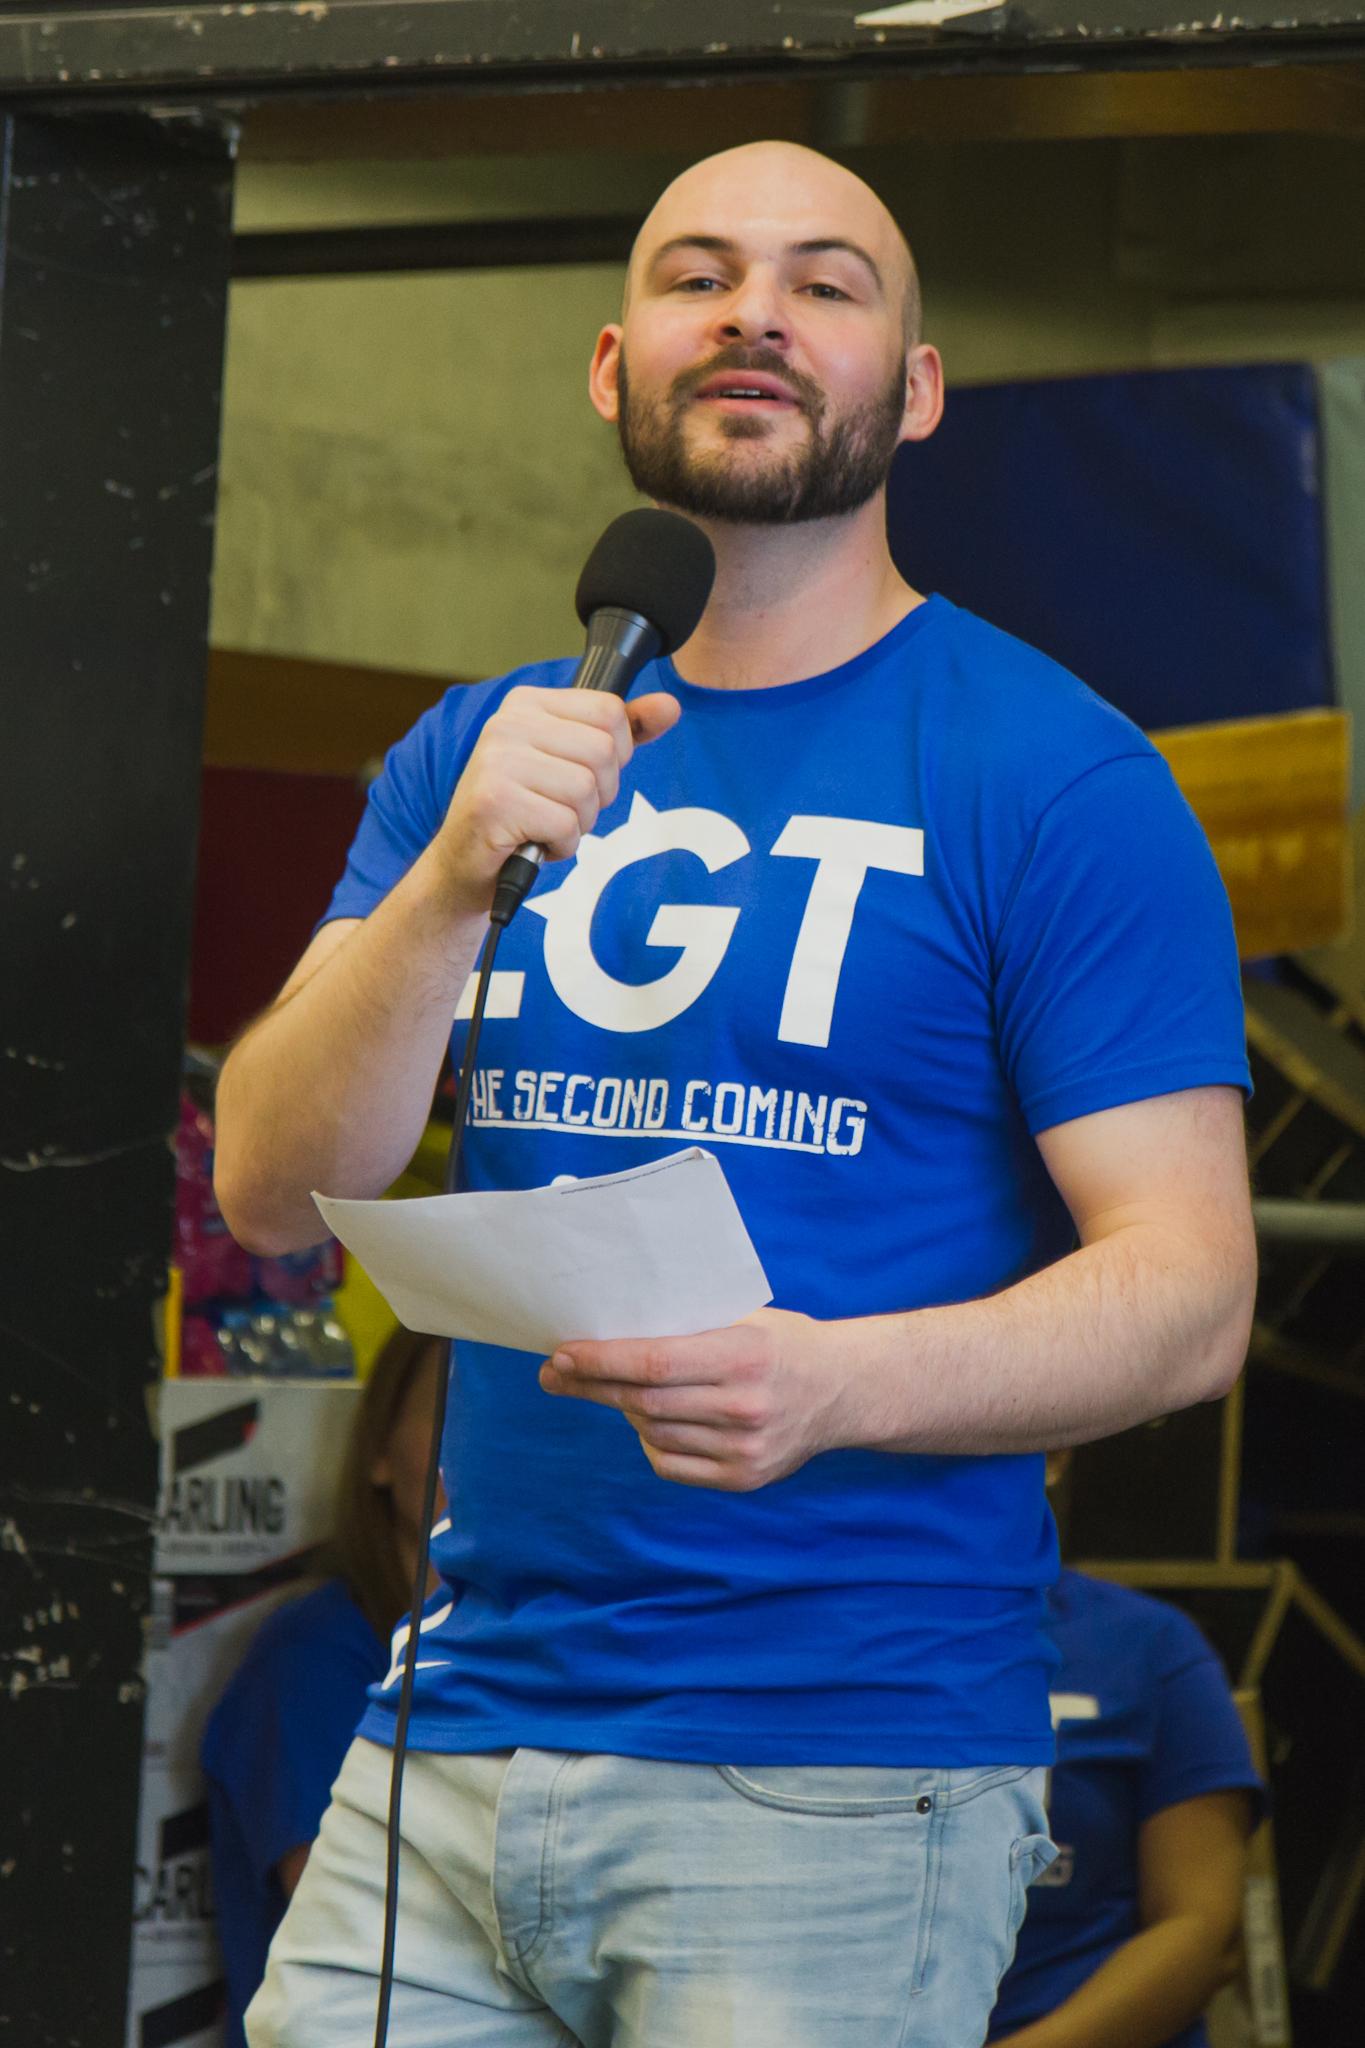 LGT-2017-1328